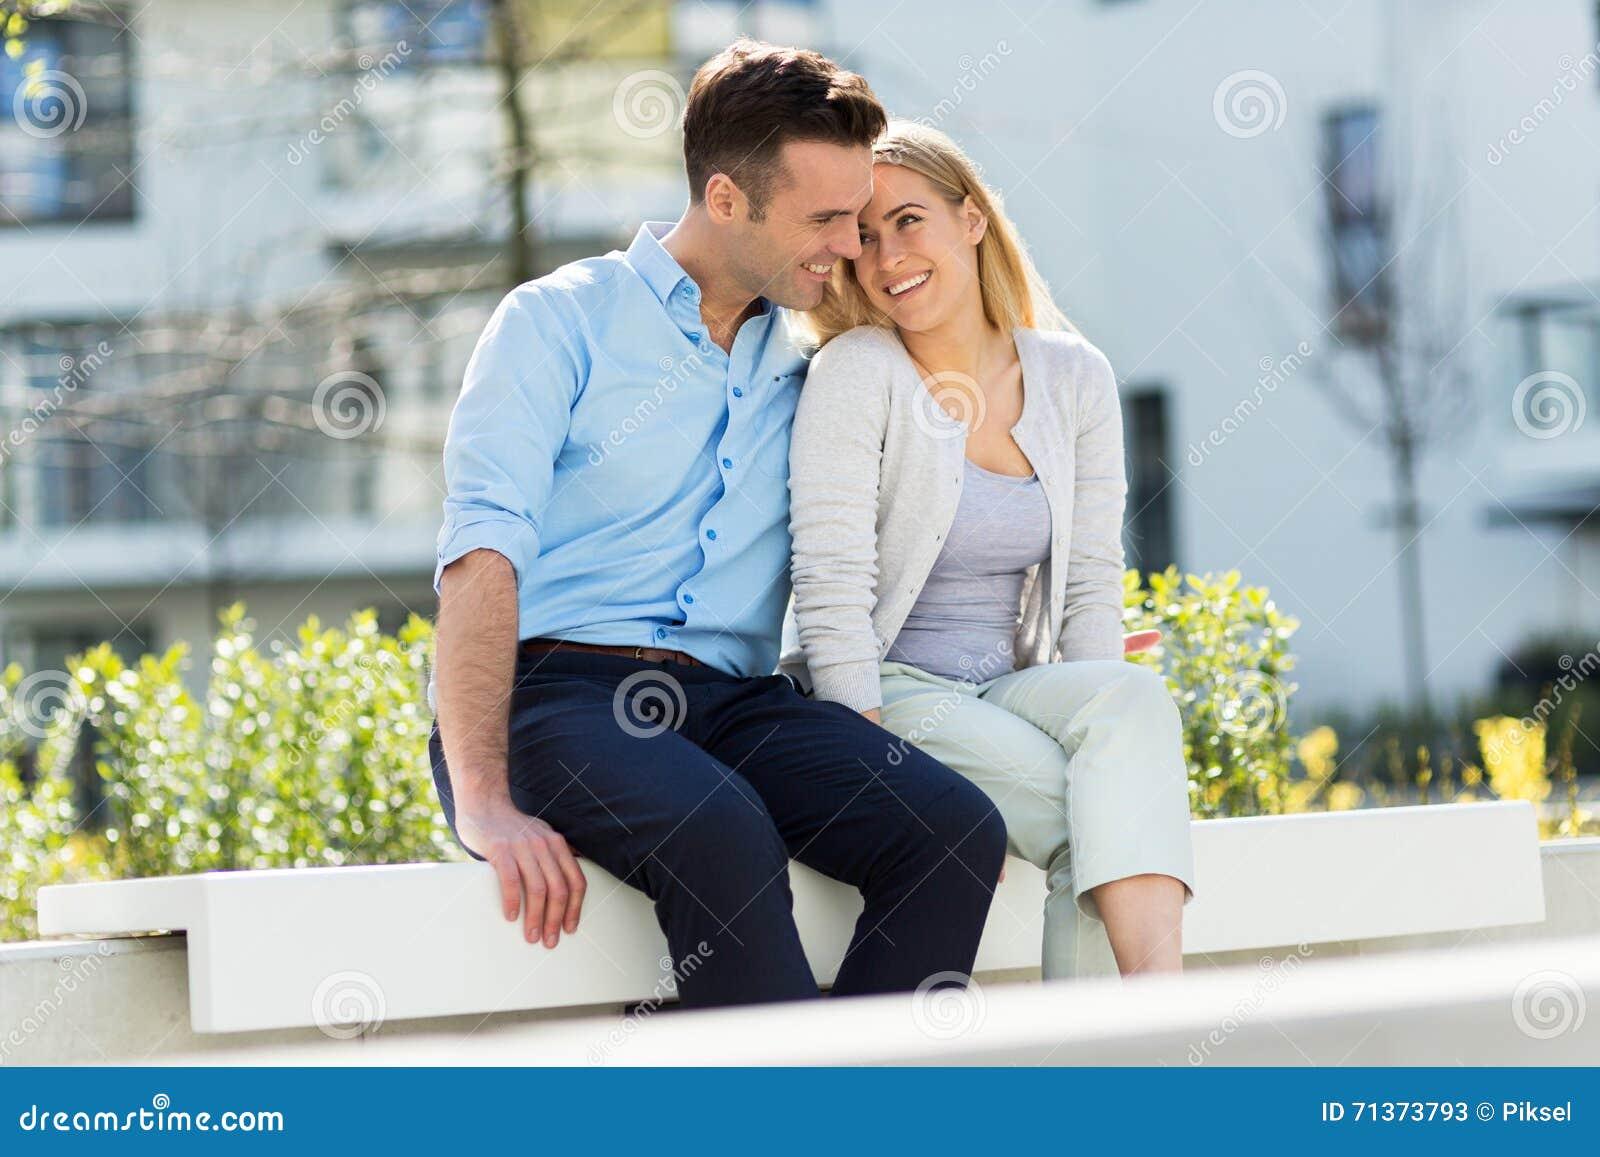 Jong paar in moderne woonwijk